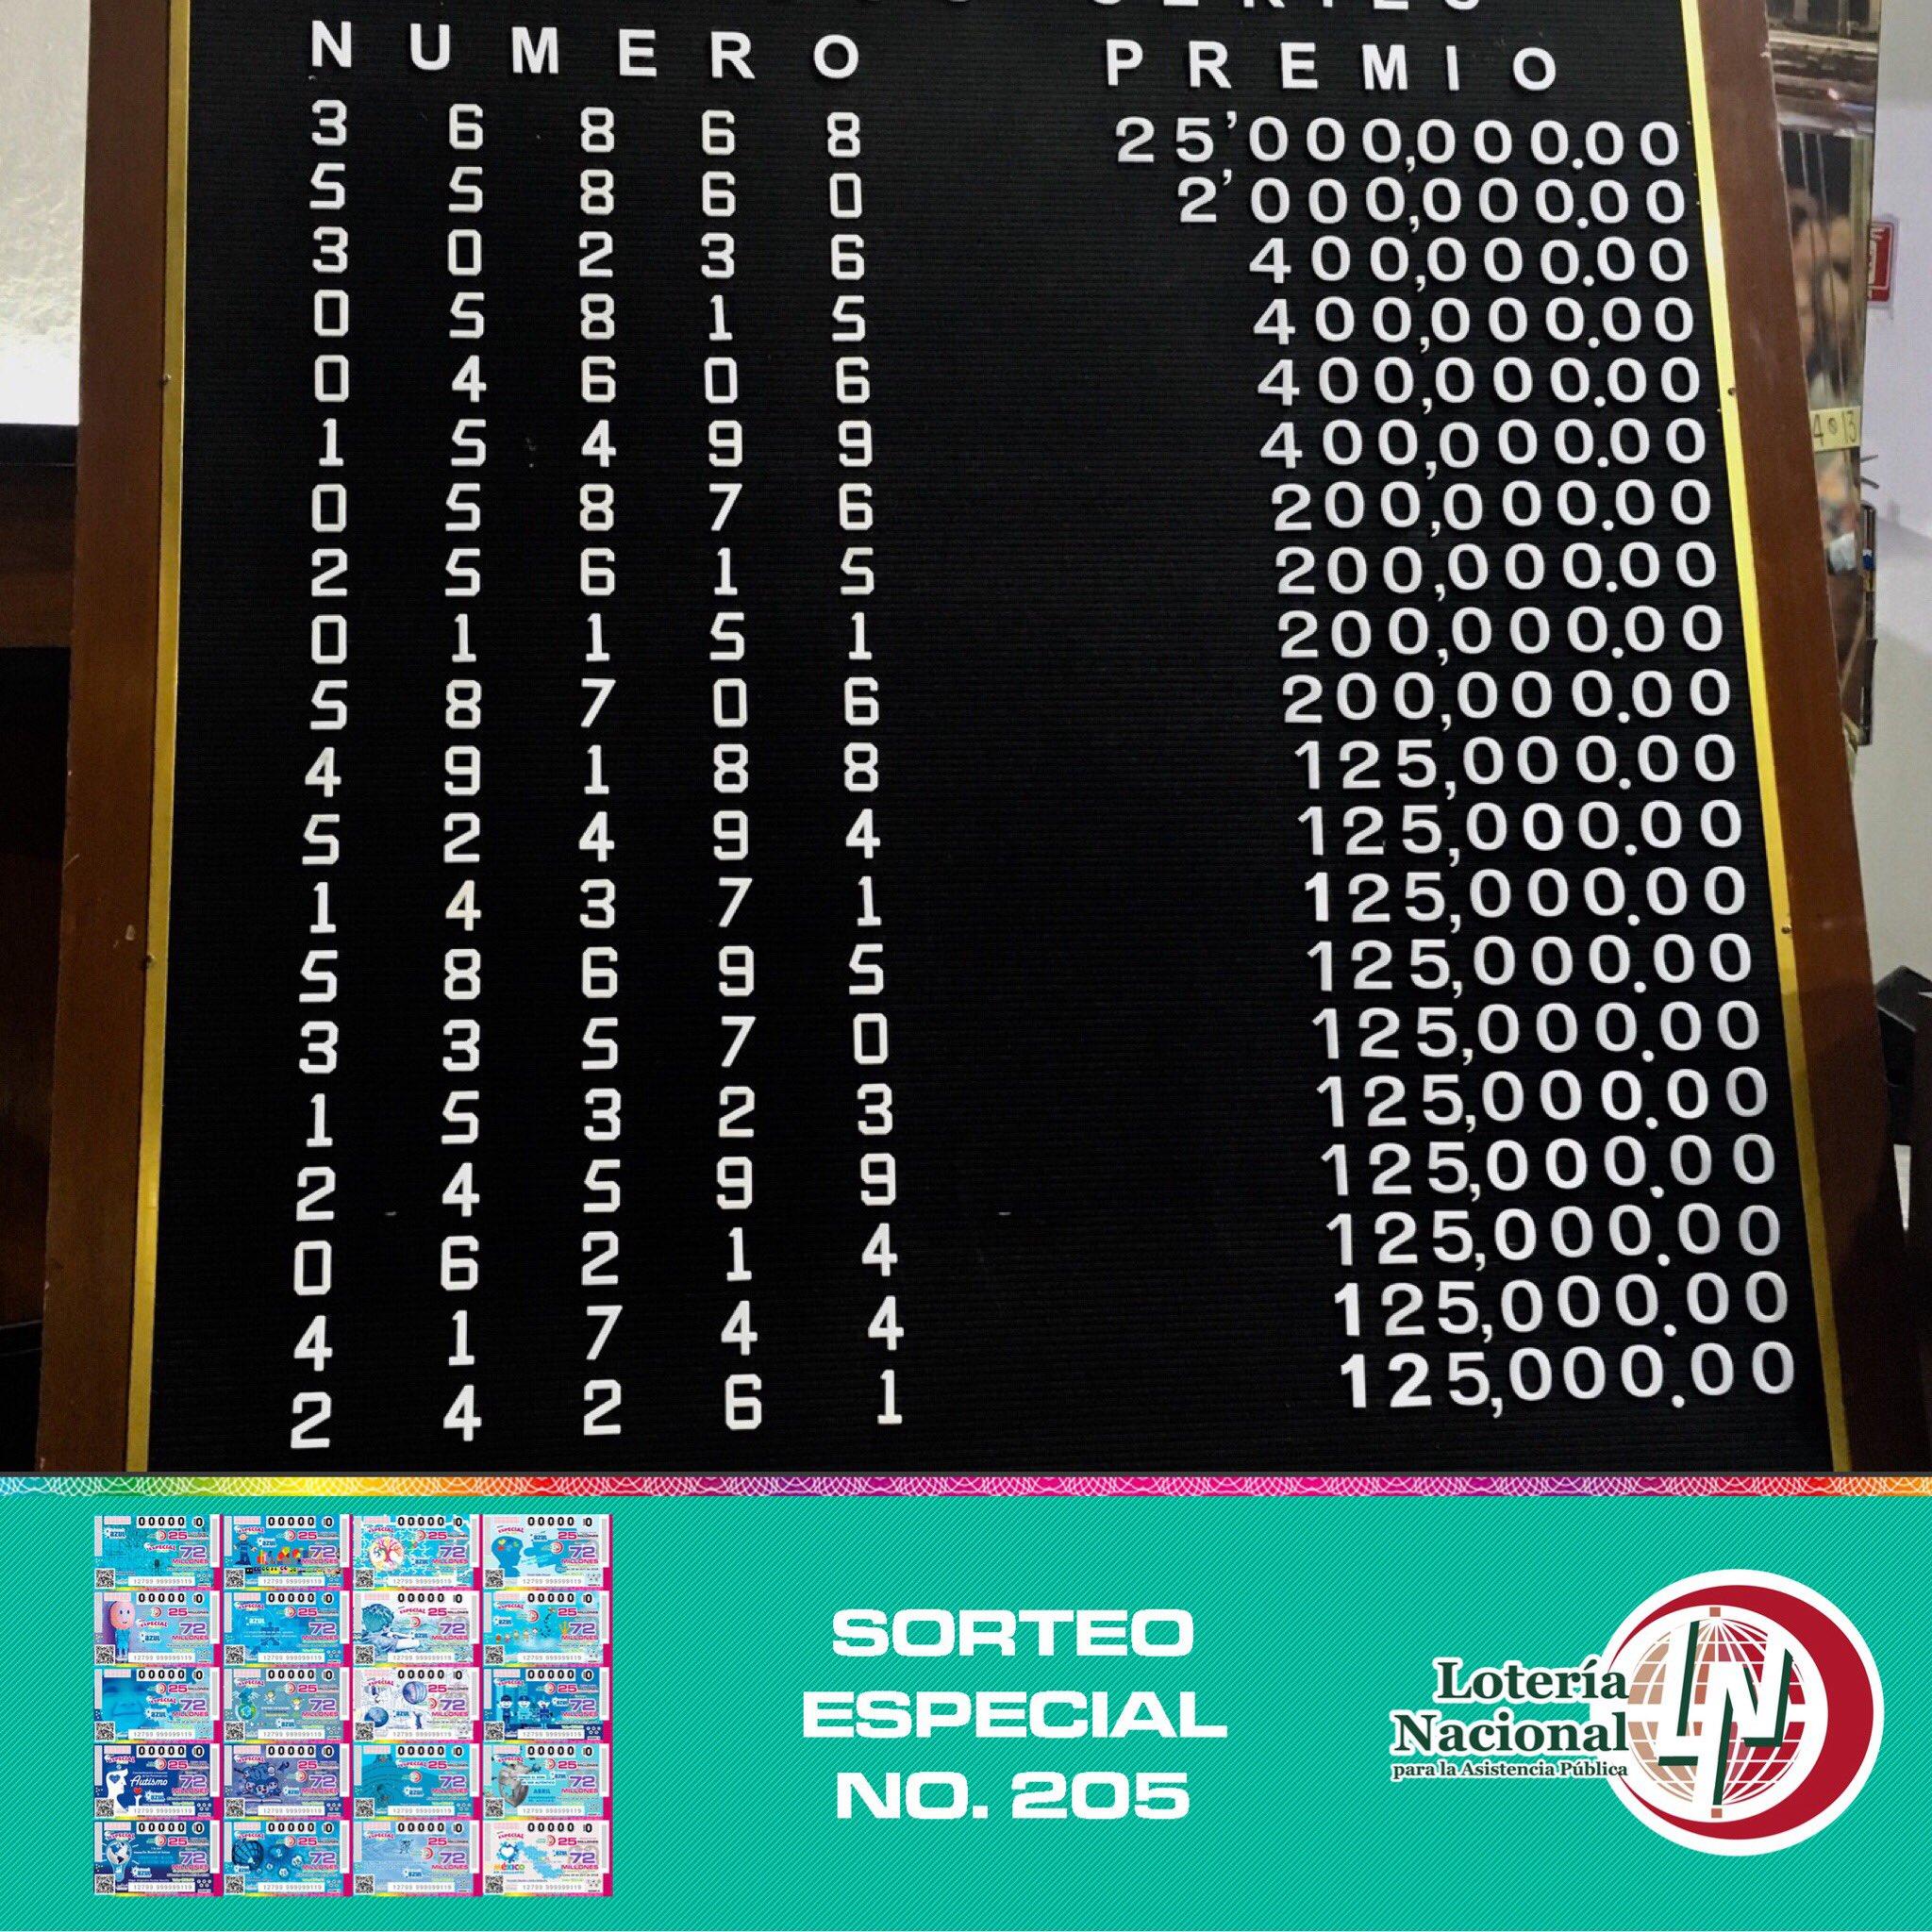 Resultados sorteo especial 205